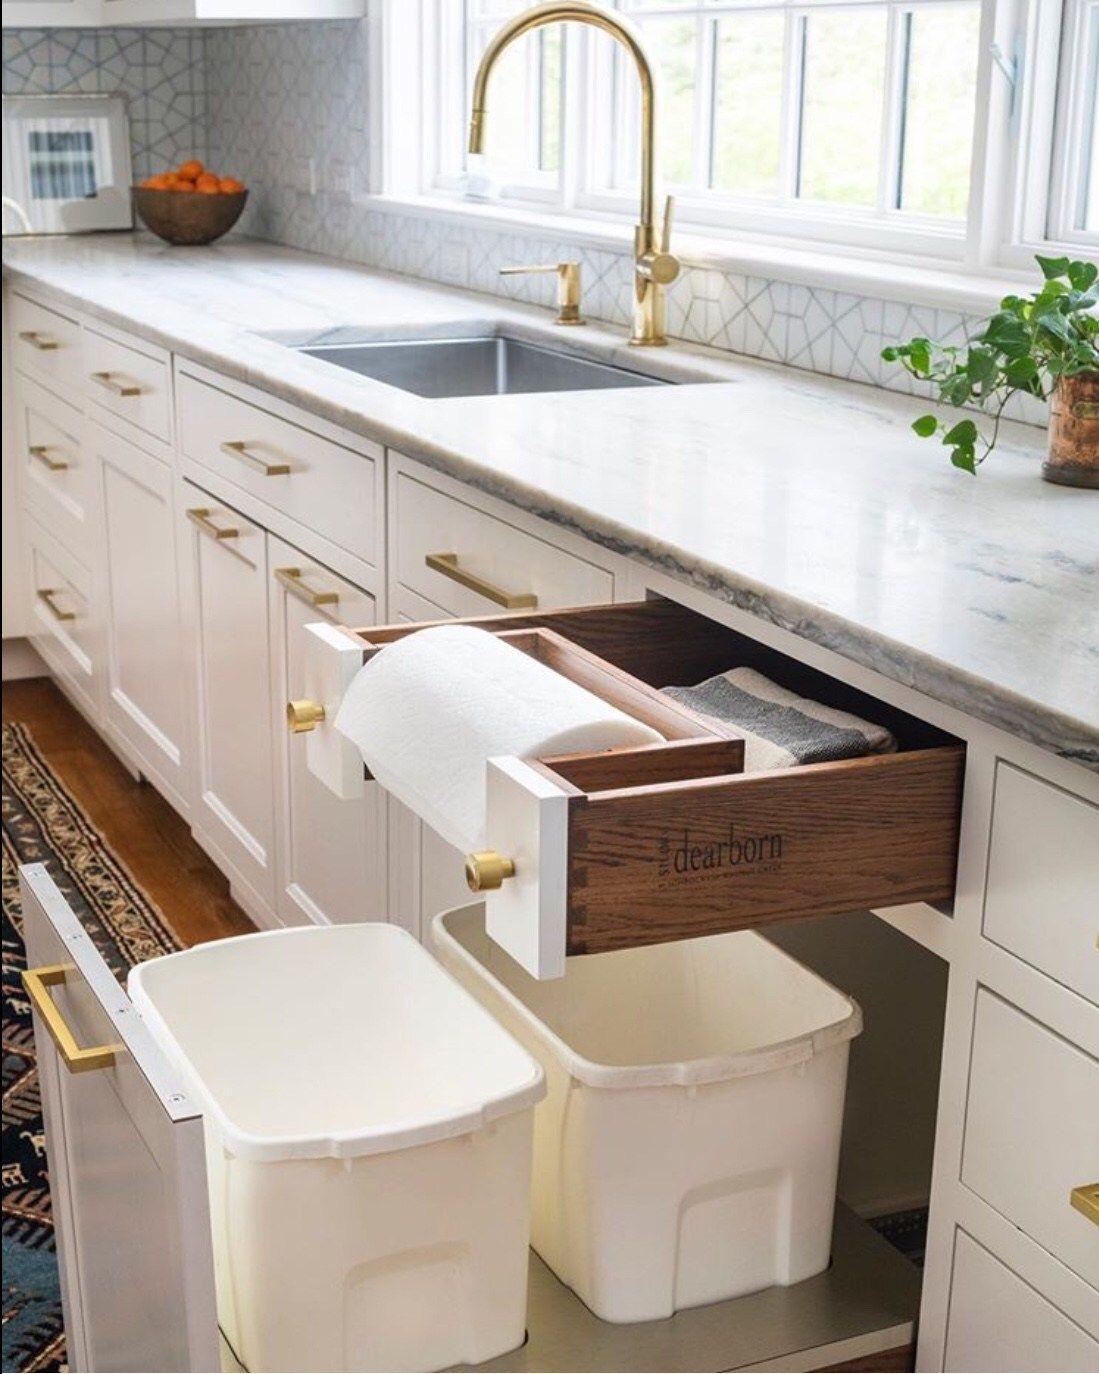 9 genius kitchen cabinet organization ideas kitchen cabinet organization kitchen design on kitchen decor organization id=52875